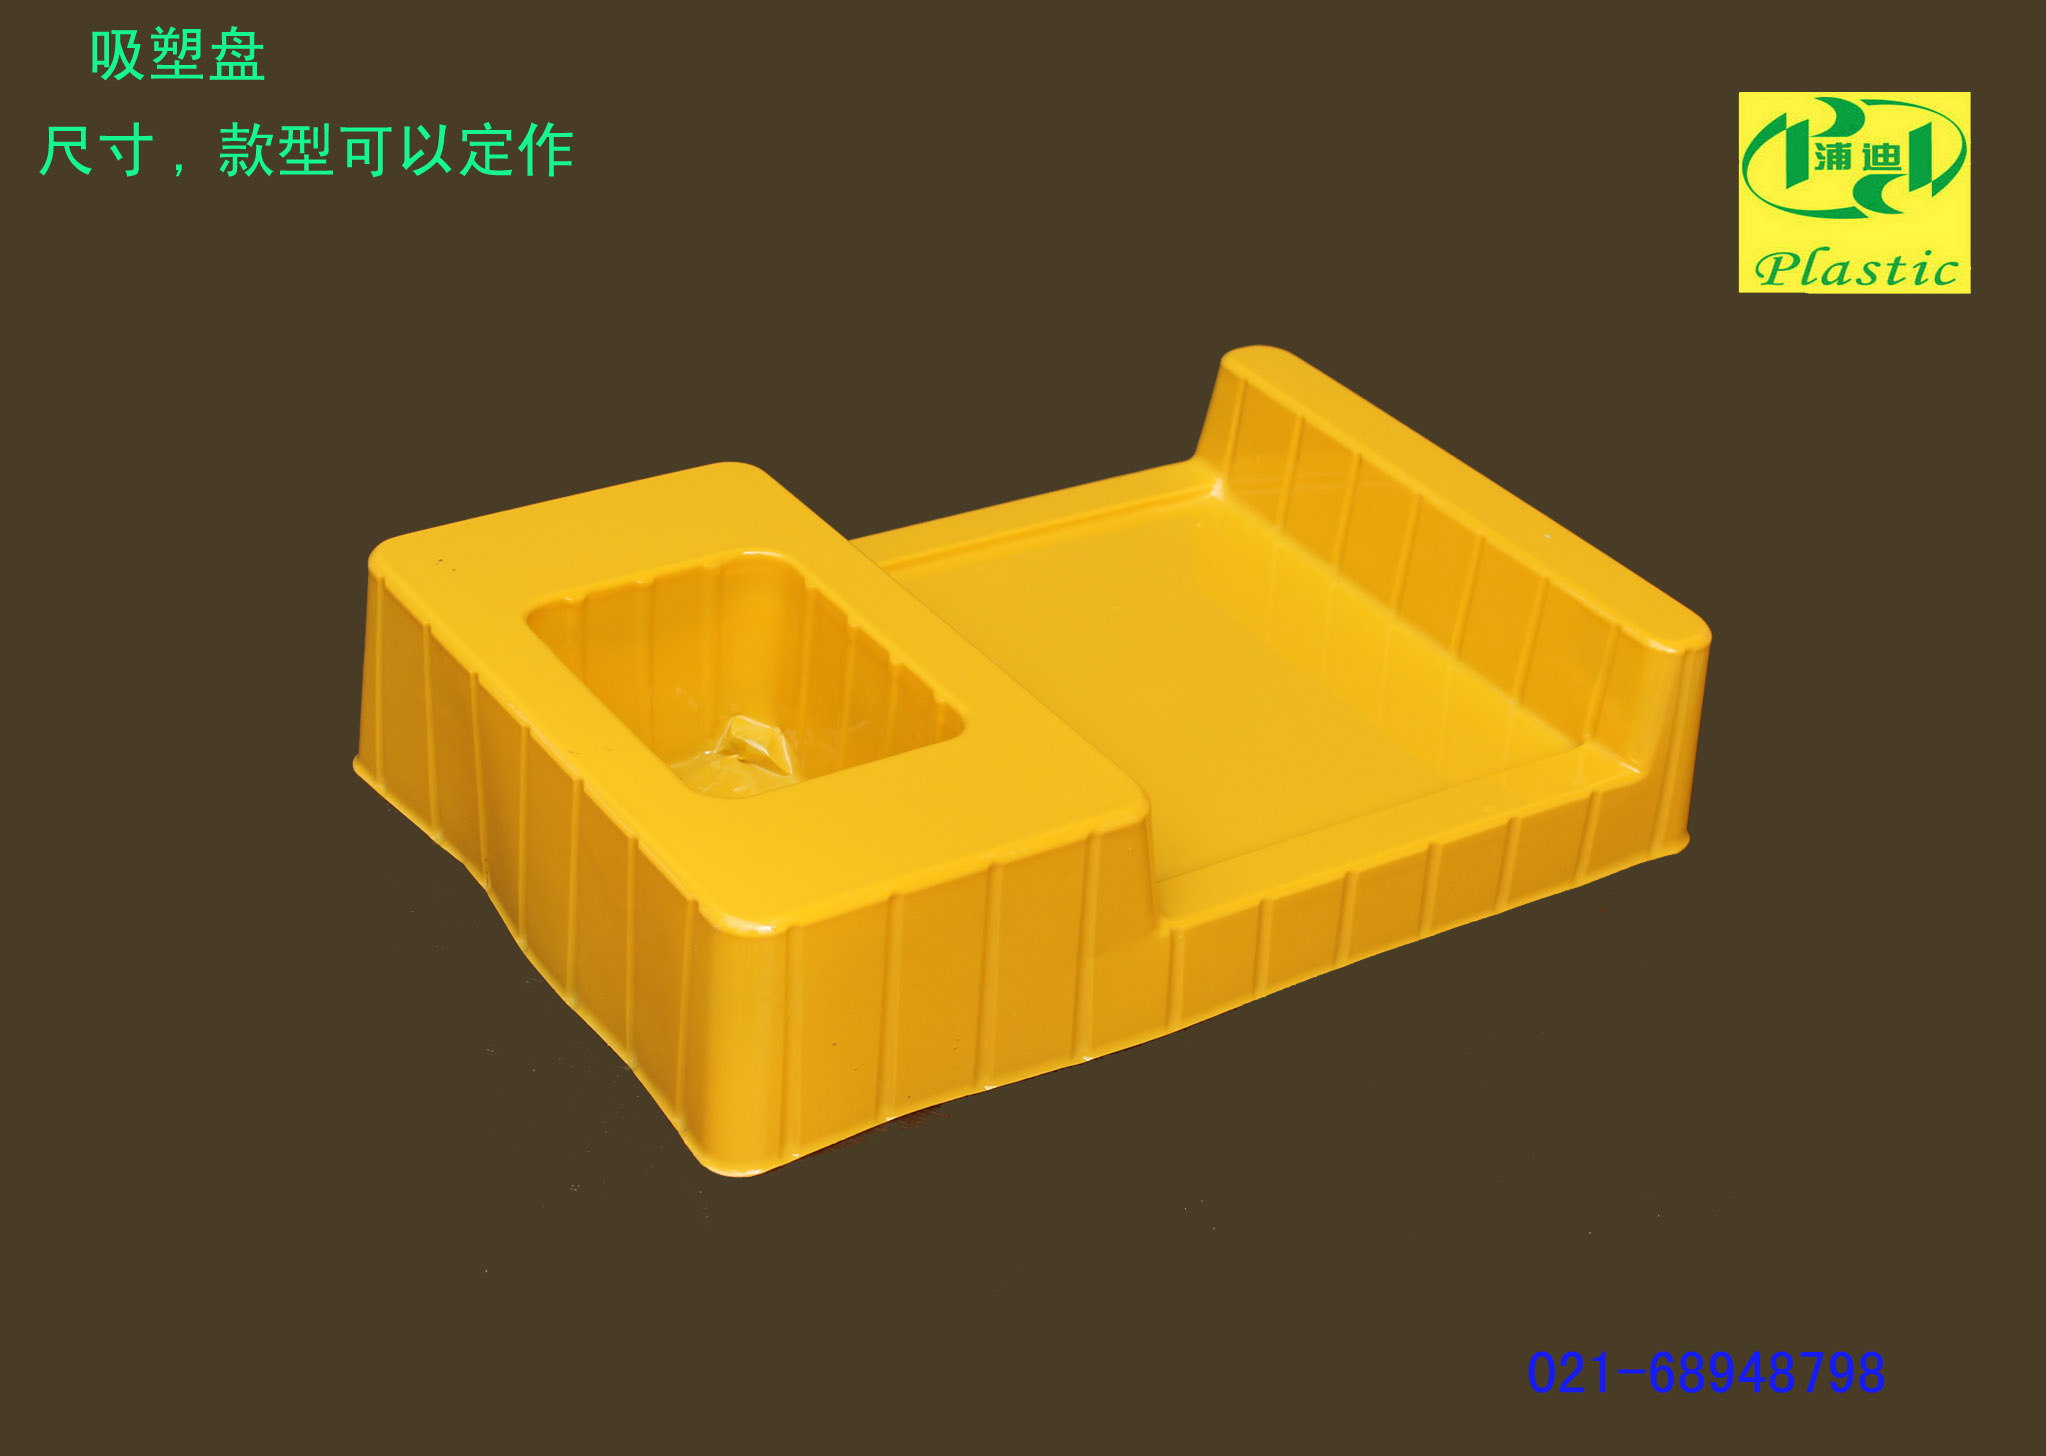 普通吸塑盘泡壳防静电吸塑盒导电吸塑